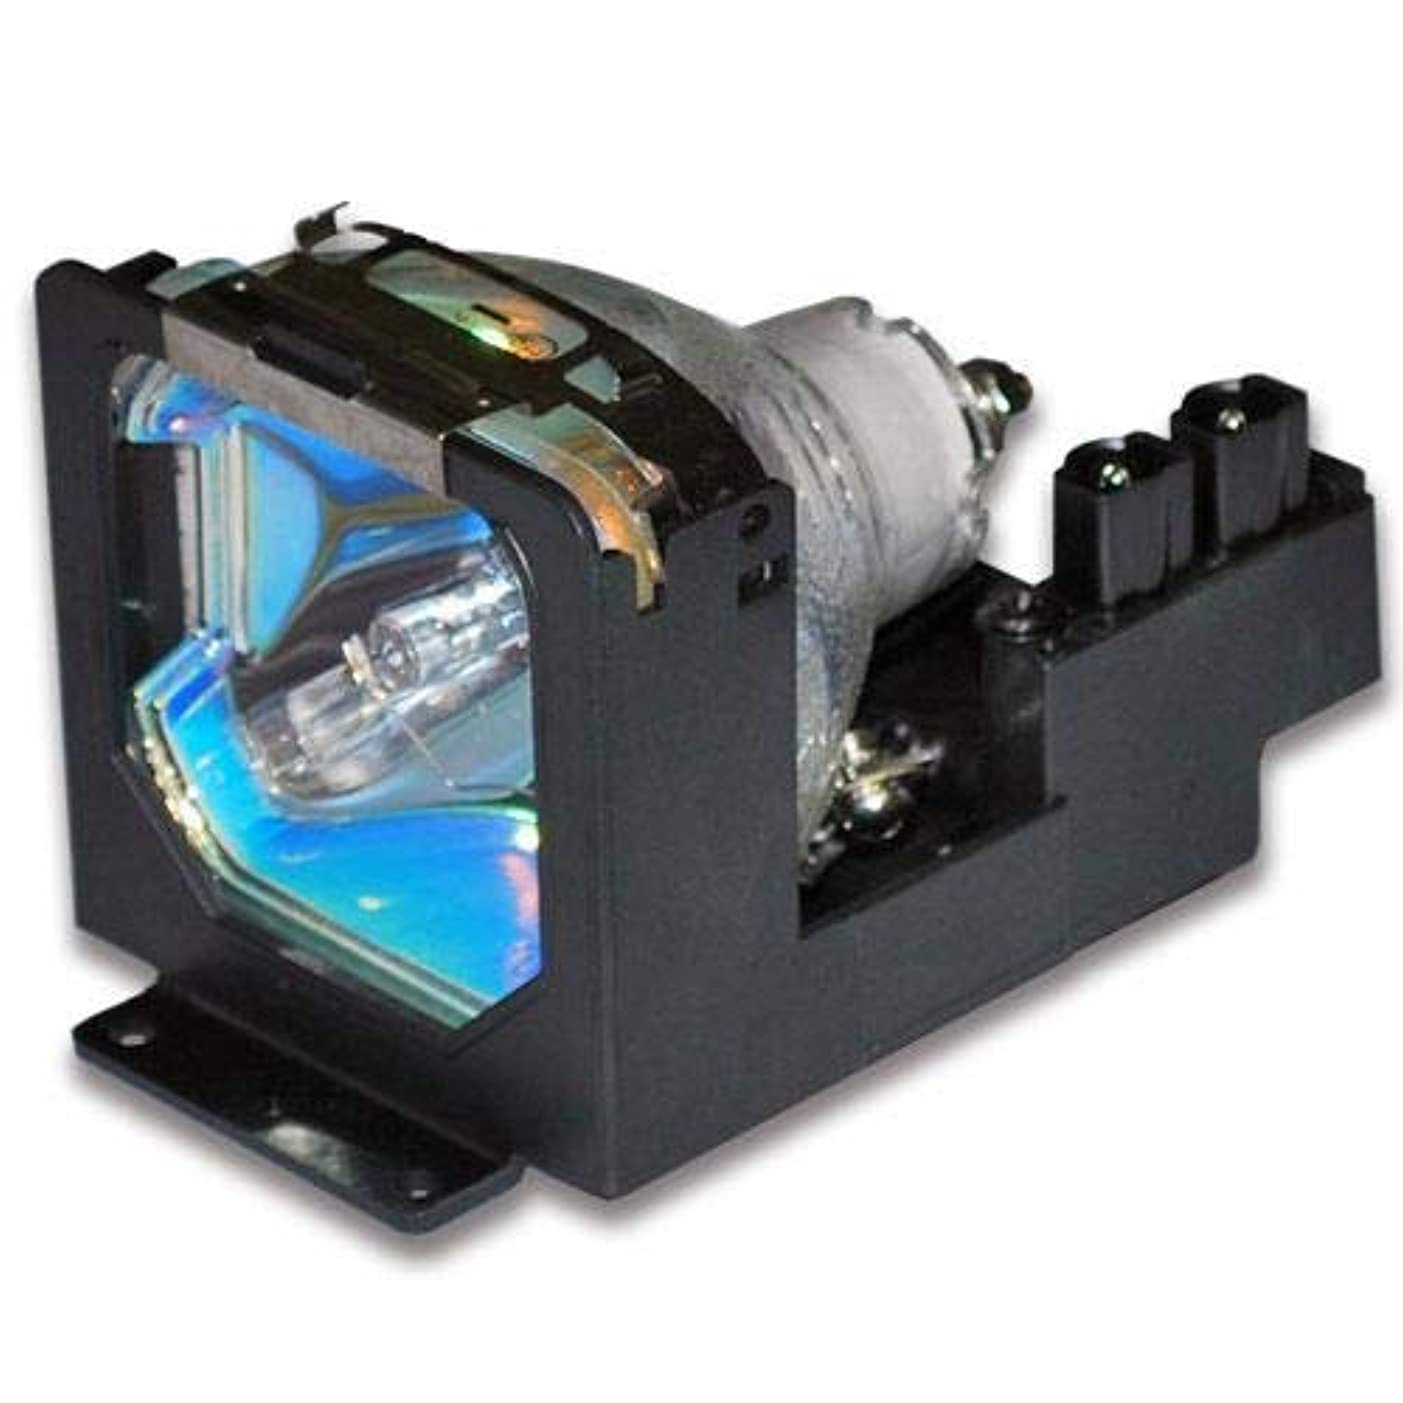 どれでも優先反対にPureglare BOXLIGHT XP-5T プロジェクター交換用ランプ 汎用 150日間安心保証つき